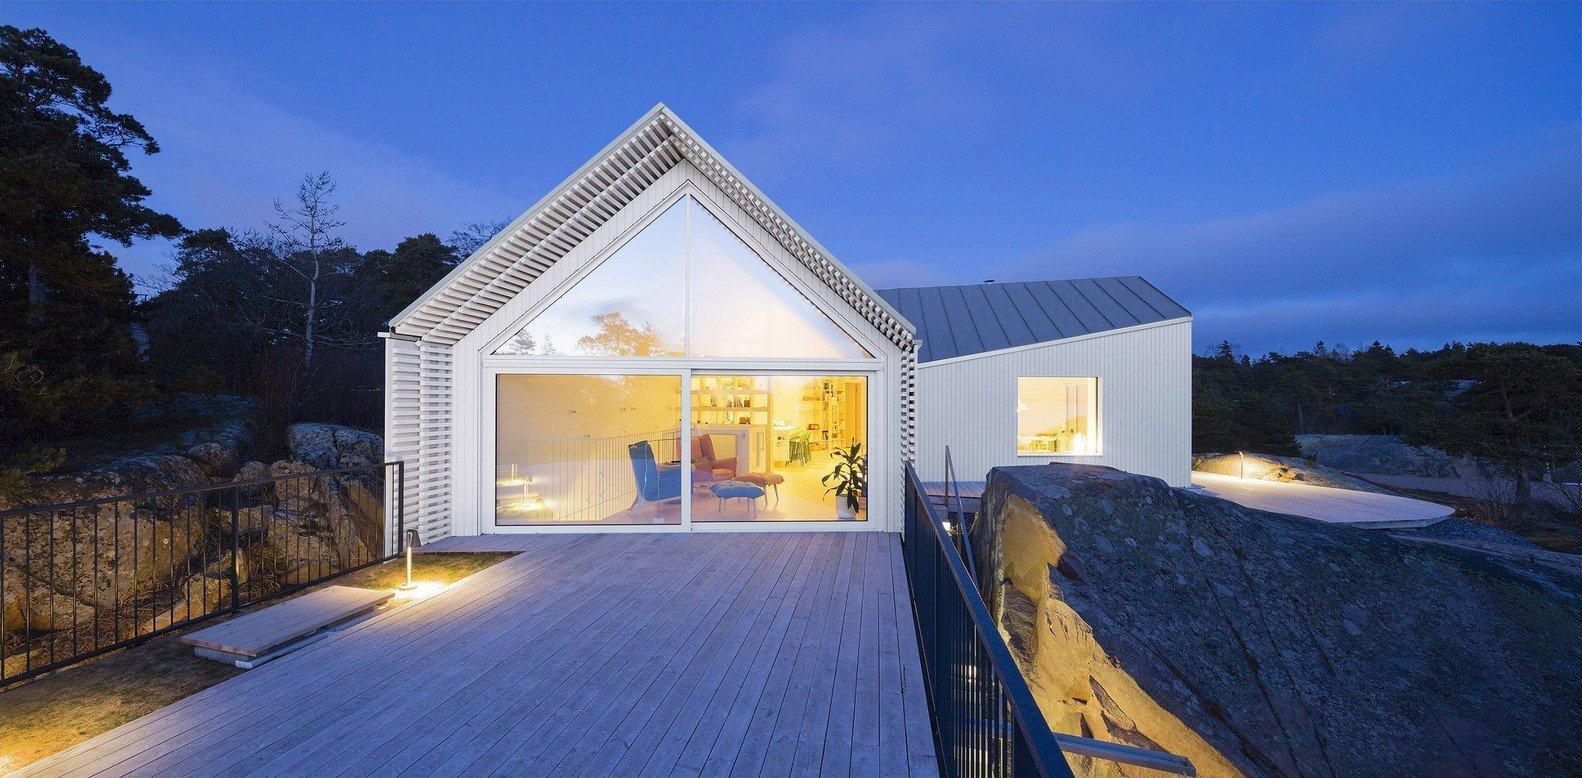 Když se rodinný dům přizpůsobí krajině a spojí se s přírodou okolo, může vzniknout něco úžasného. Výjimečný je tento dům nejen svou architekturou a výhledem do okolí, ale také svým interiérem. Nahlédněte do něj s námi.